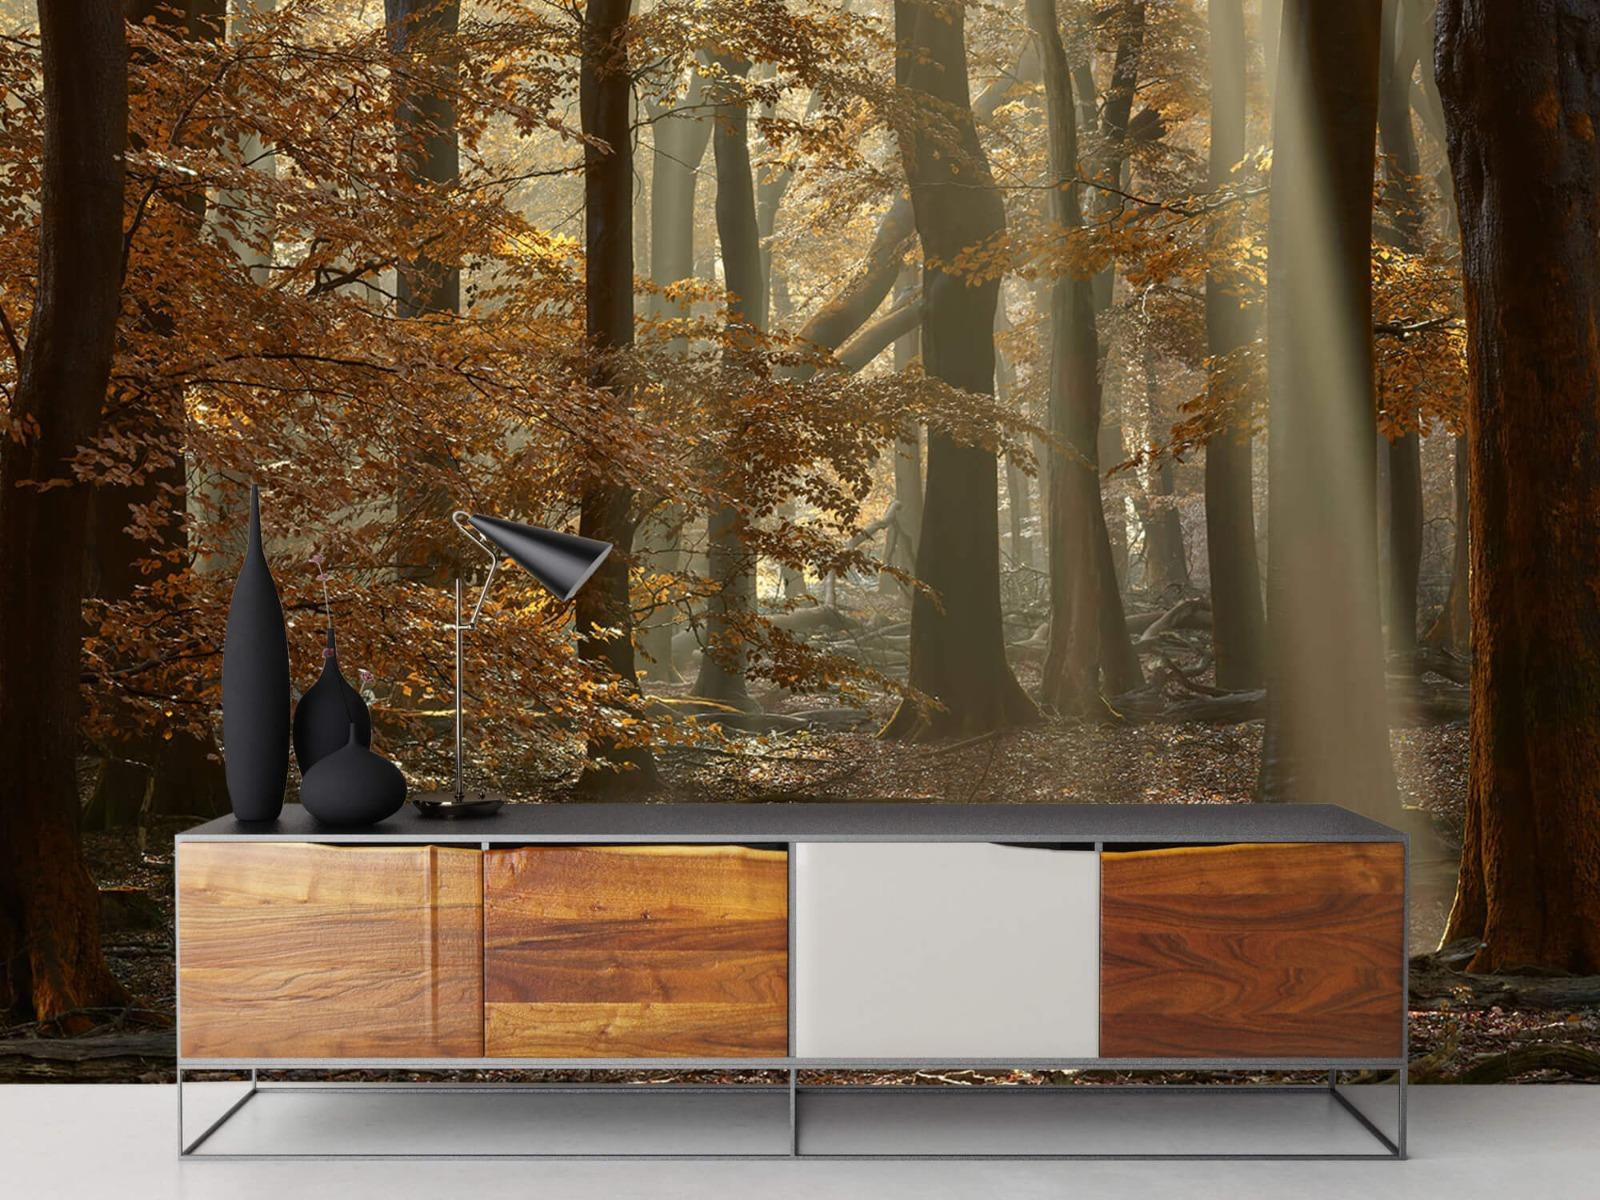 Bos behang - Herfstkleuren in het bos - Slaapkamer 16